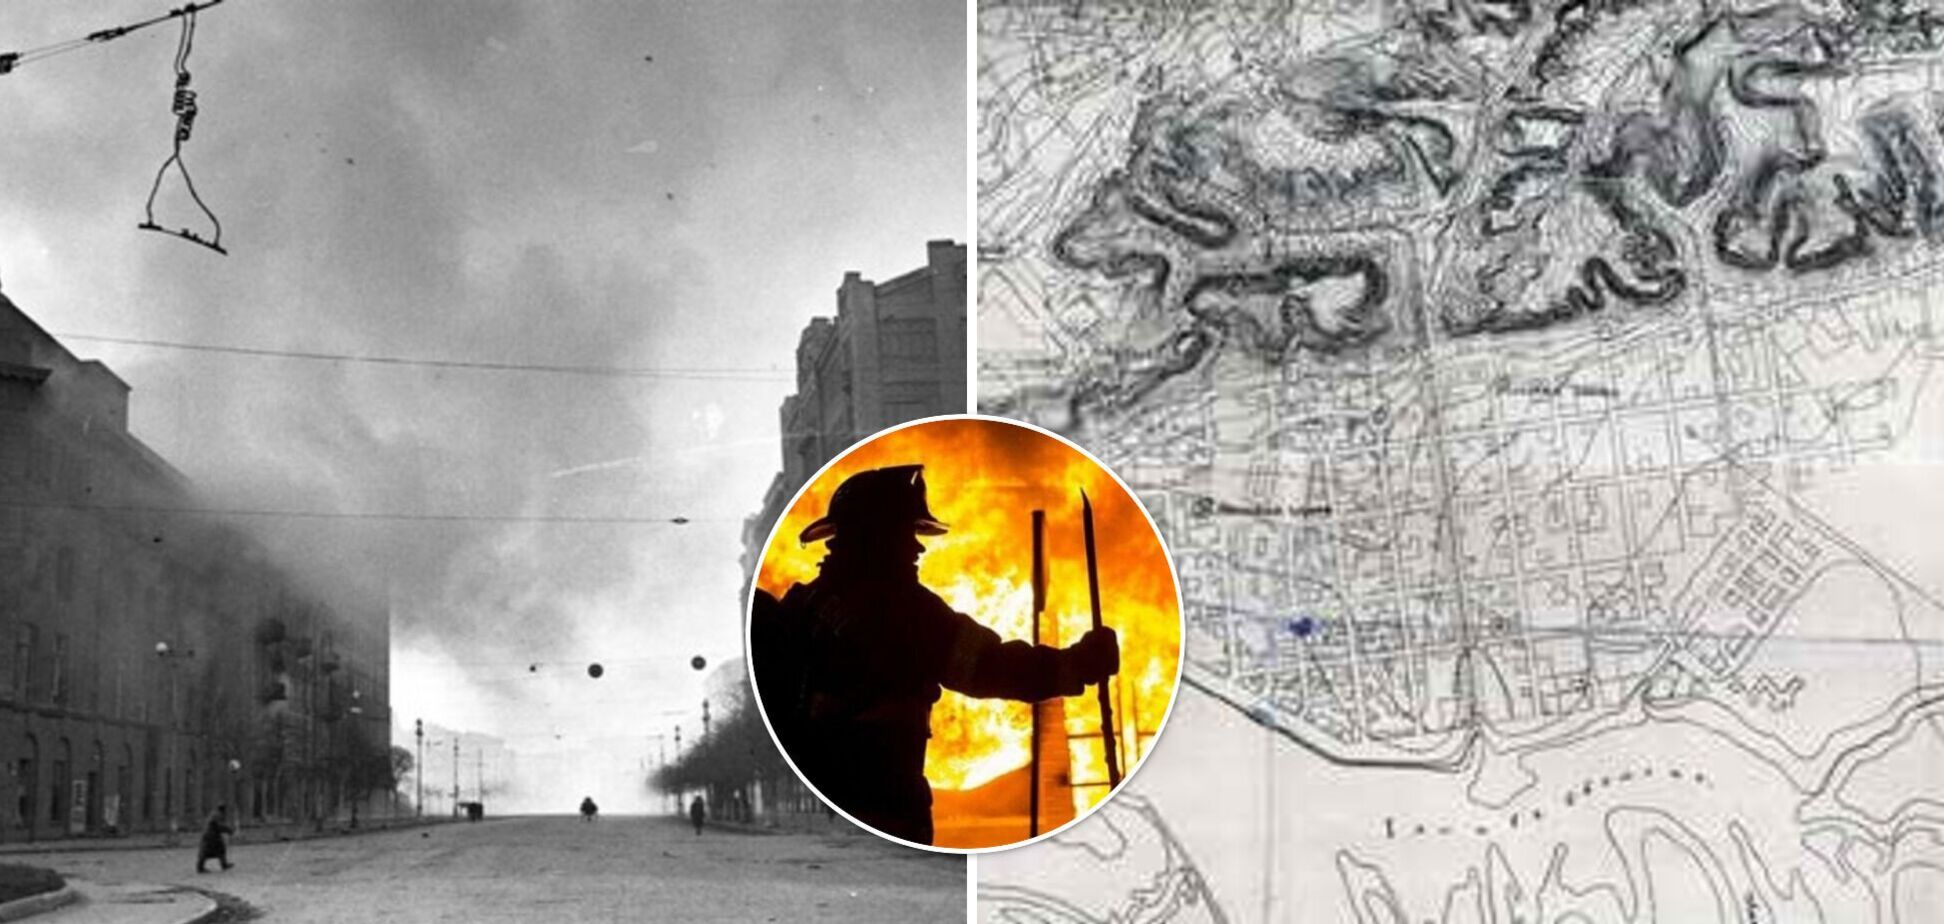 ТОП-5 найстрашніших пожеж в історії Києва: від князів-сепаратистів до підпалу кінотеатру 'Жовтень'. Фото